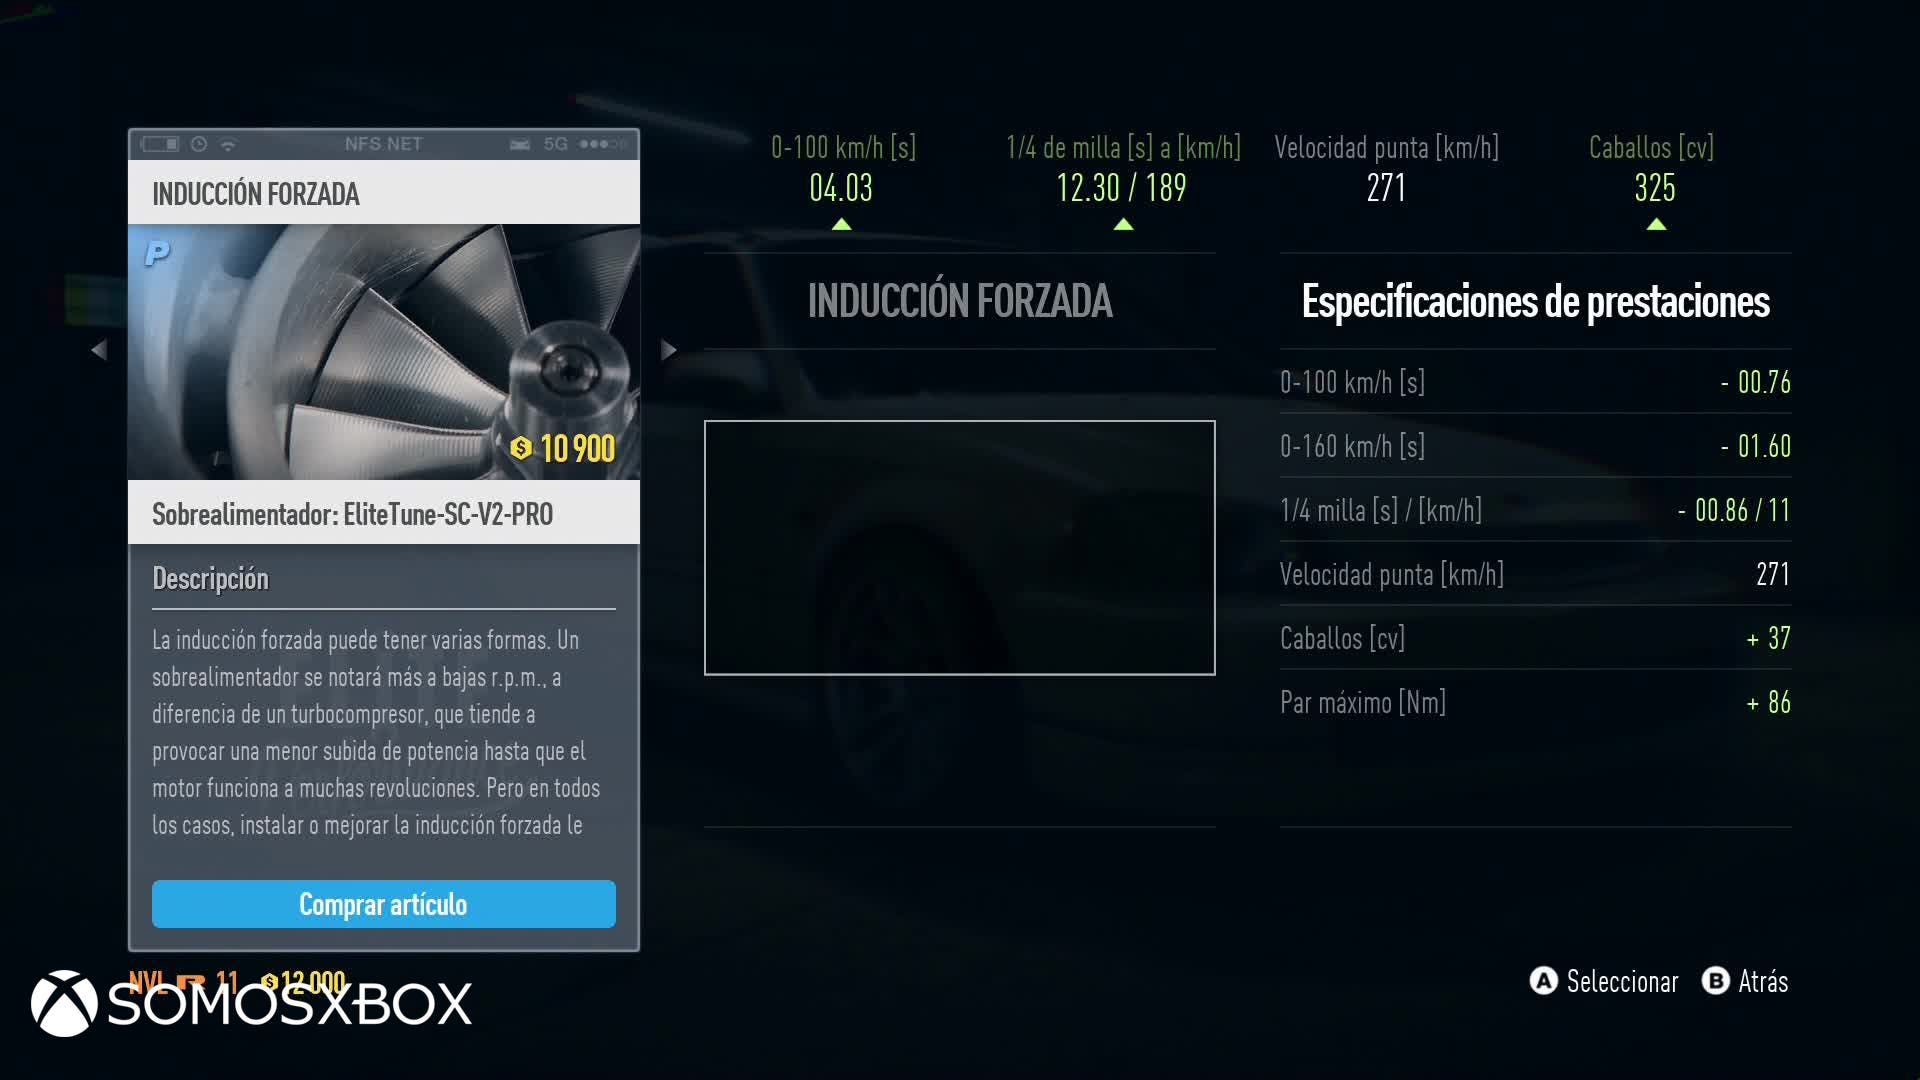 NeedforSpeedSomosXbox (8)